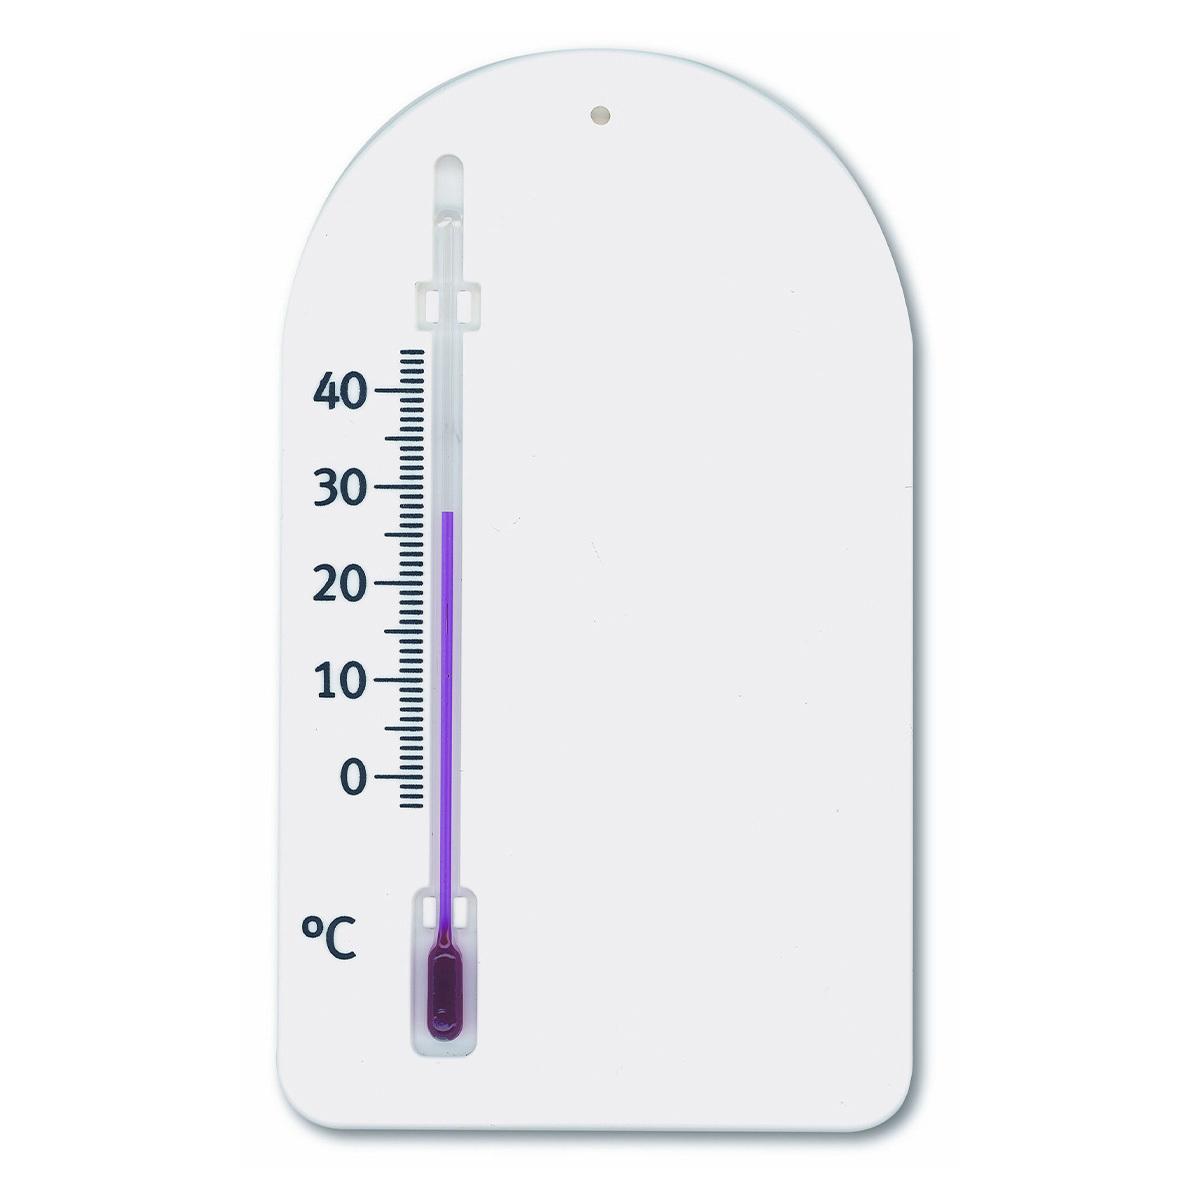 12-3042-02-analoges-innen-aussen-thermometer-1200x1200px.jpg